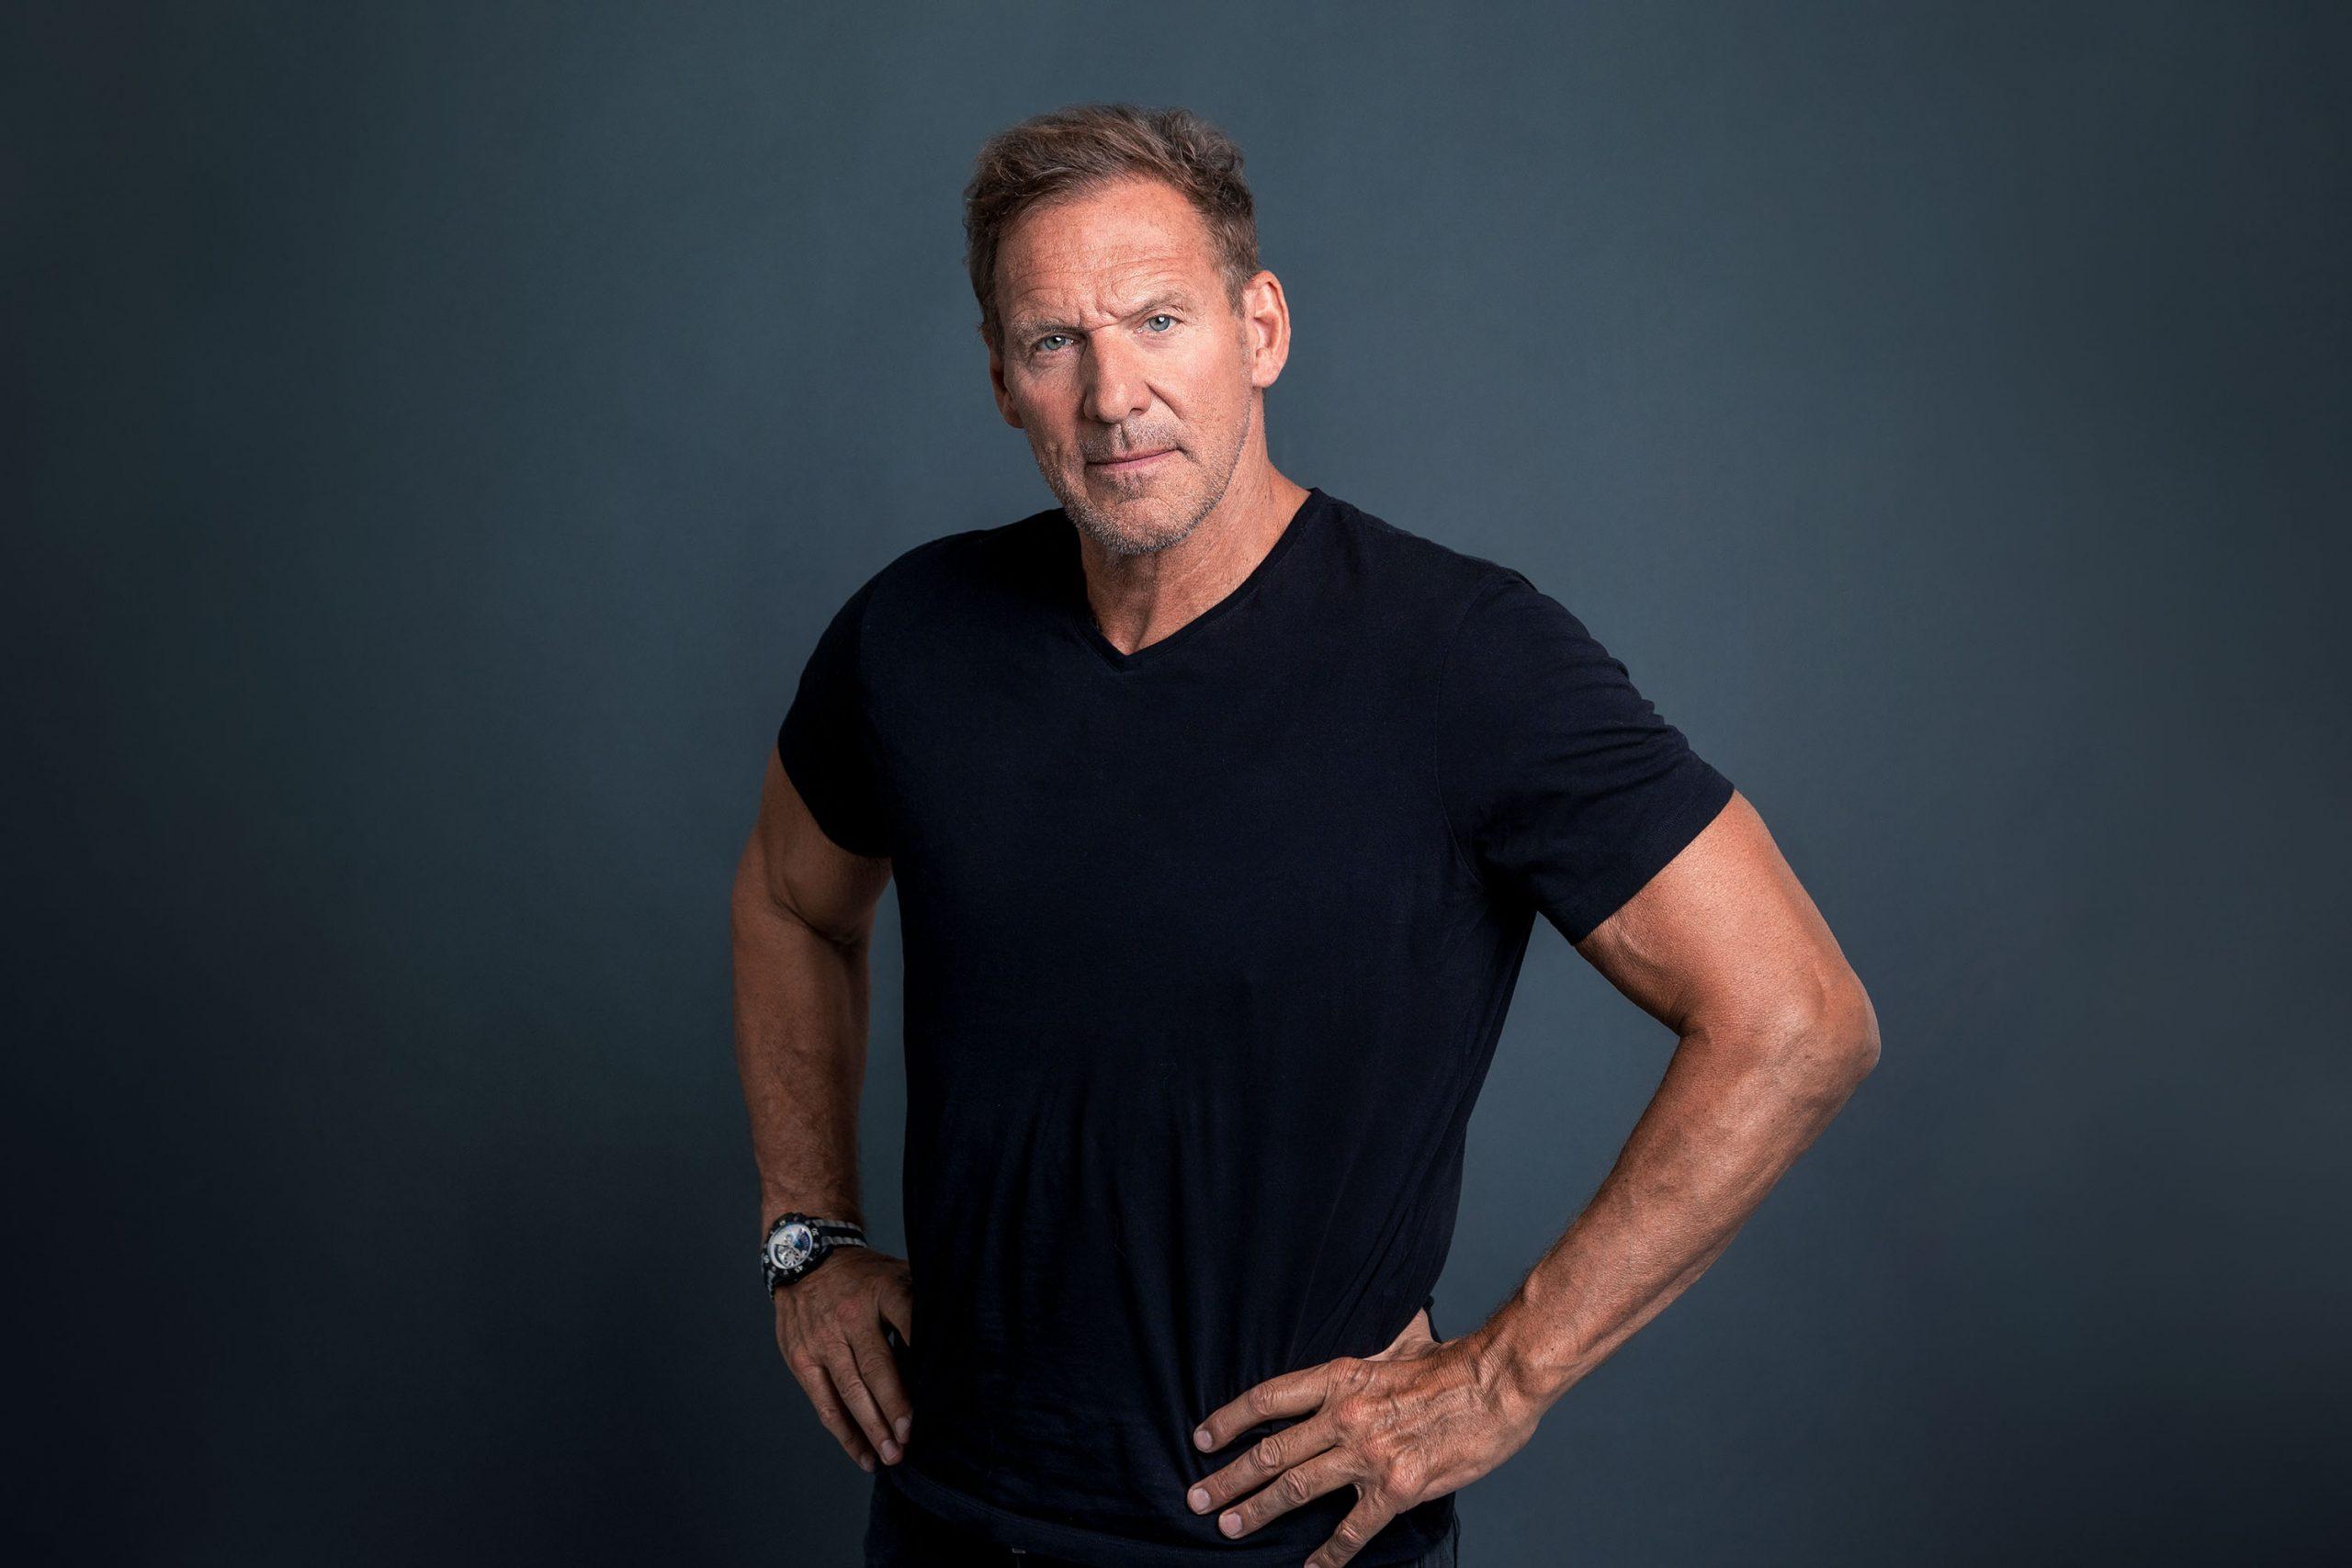 Ralf Moeller Bodybuilder